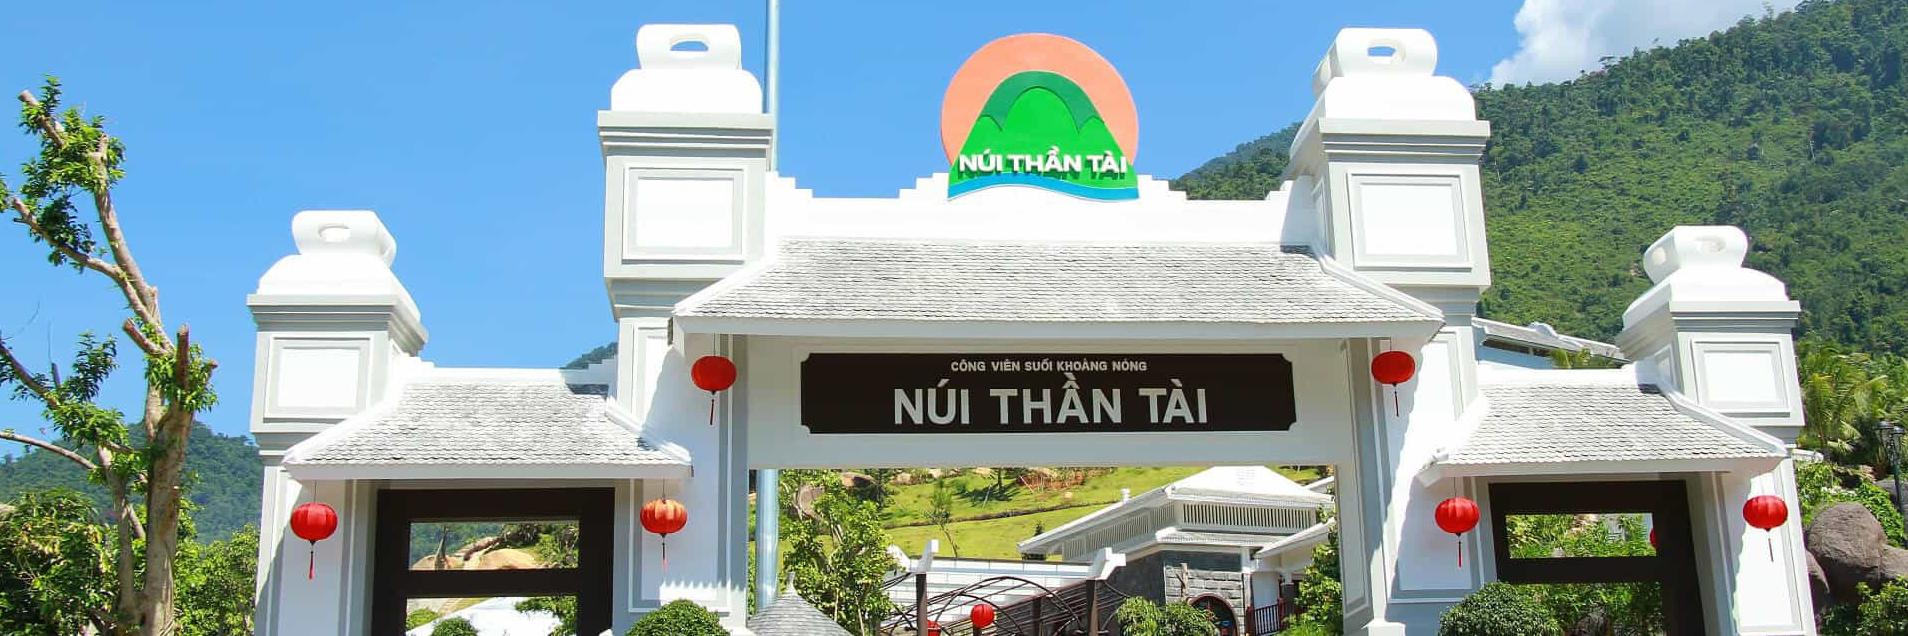 https://gody.vn/blog/congchua_mauhong803174/post/khu-du-lich-suoi-nuoc-nong-than-tai-da-nang-9187